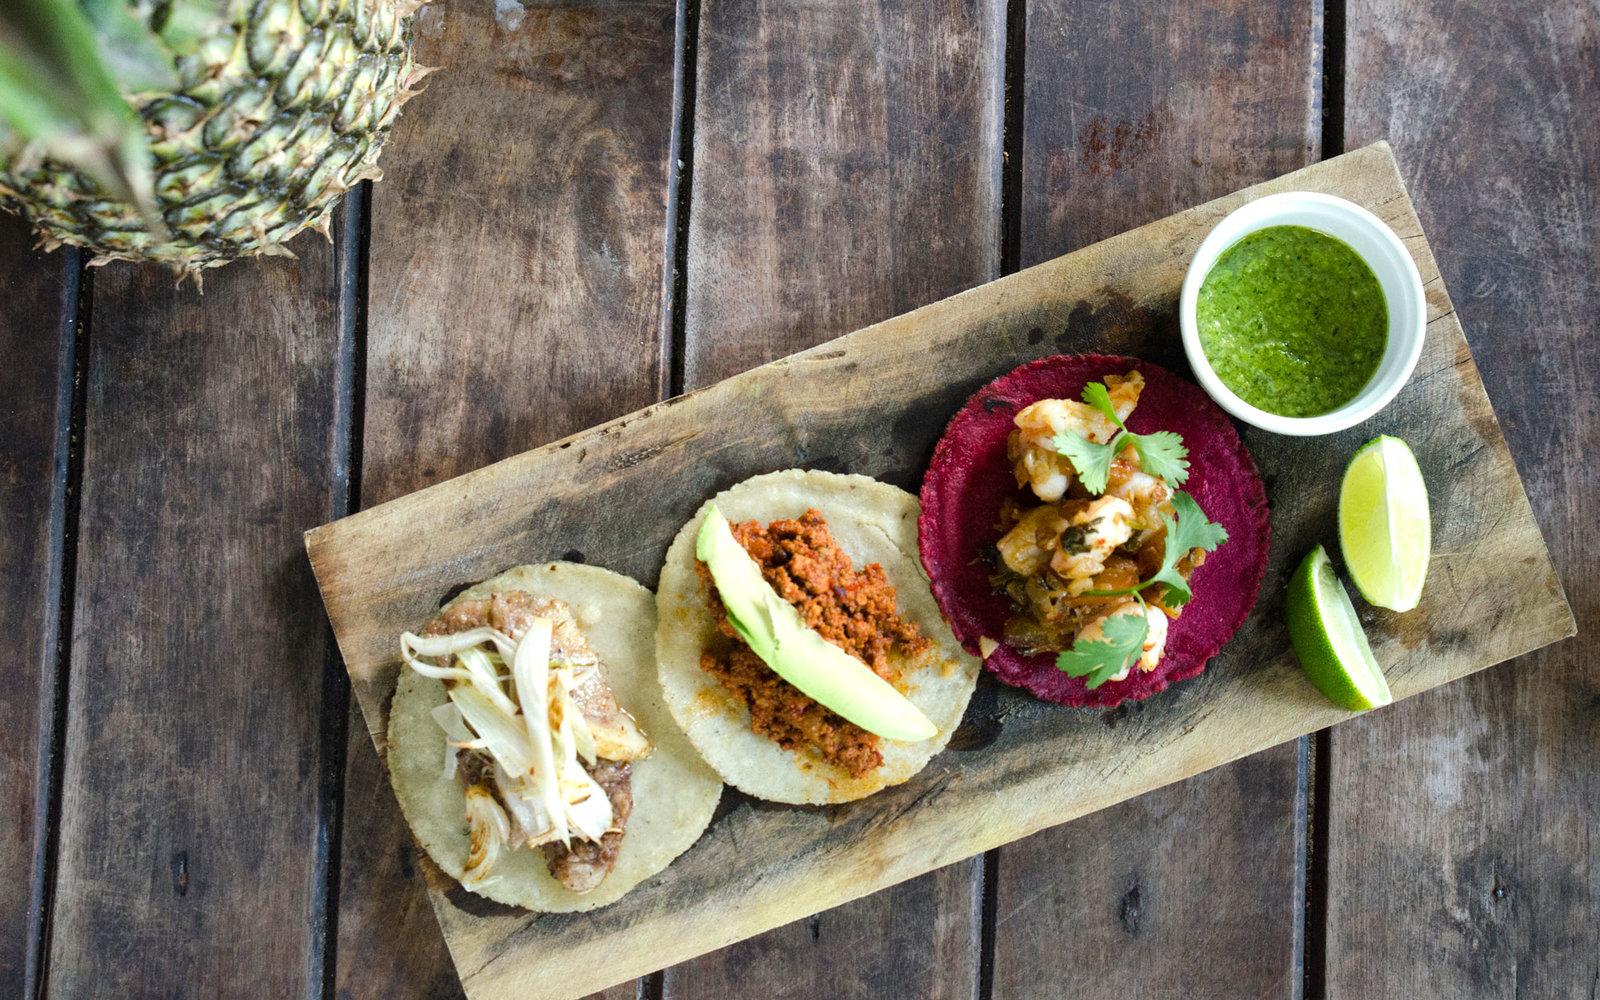 Tulum - Vegan Tacos